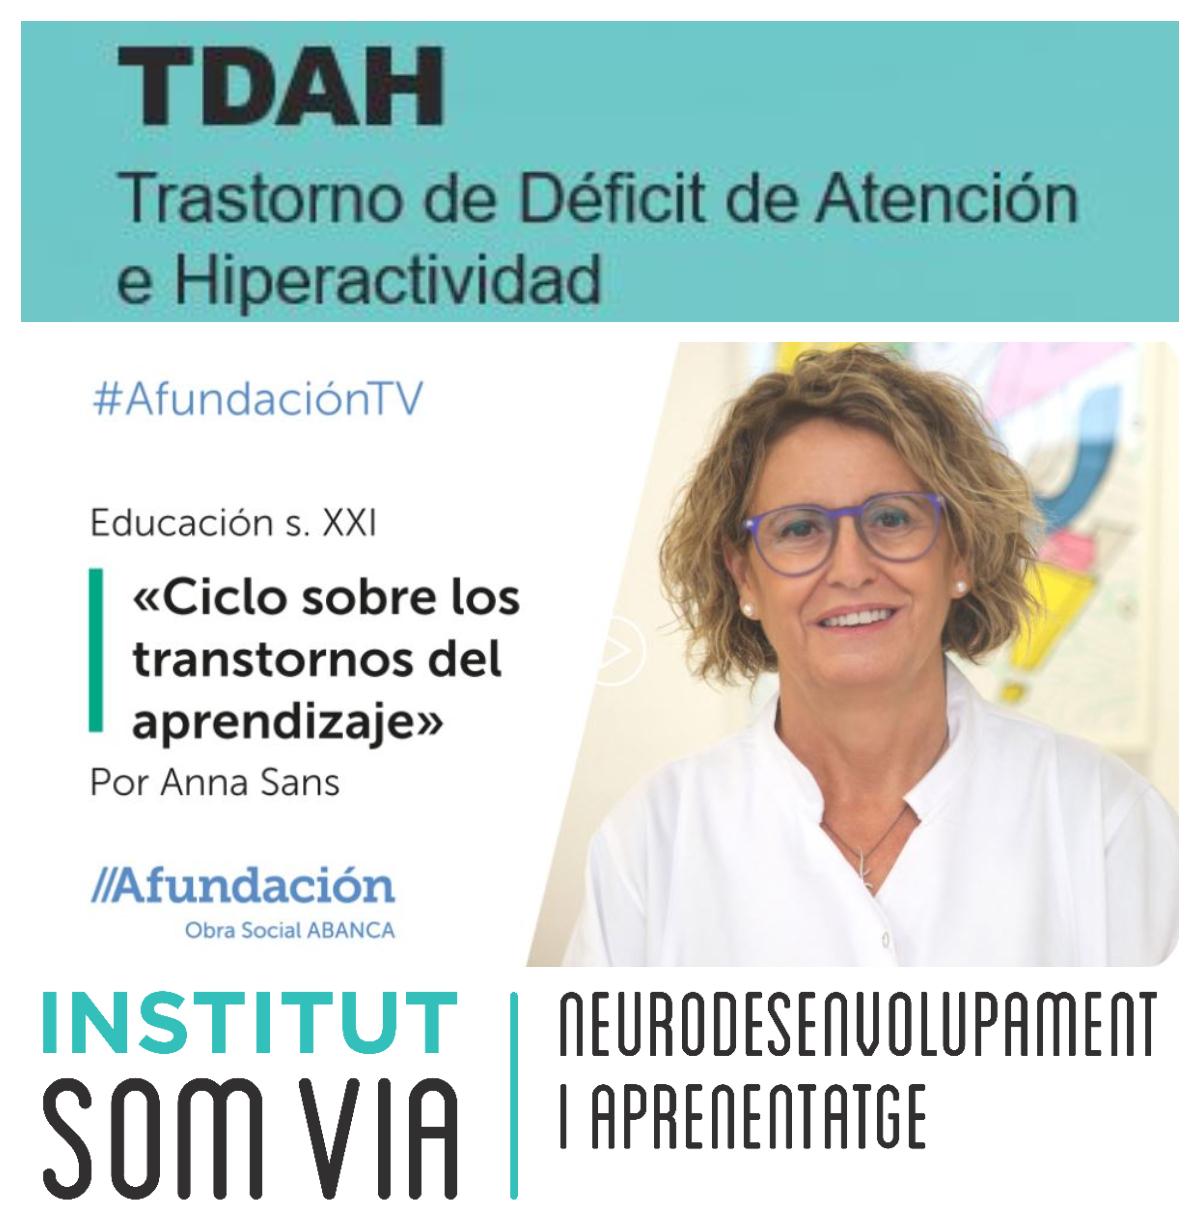 MAÑANA JUEVES, TDAH Y DÉFICIT DE ATENCIÓN EN EL PROGRAMA EDUCACIÓN S.XXI